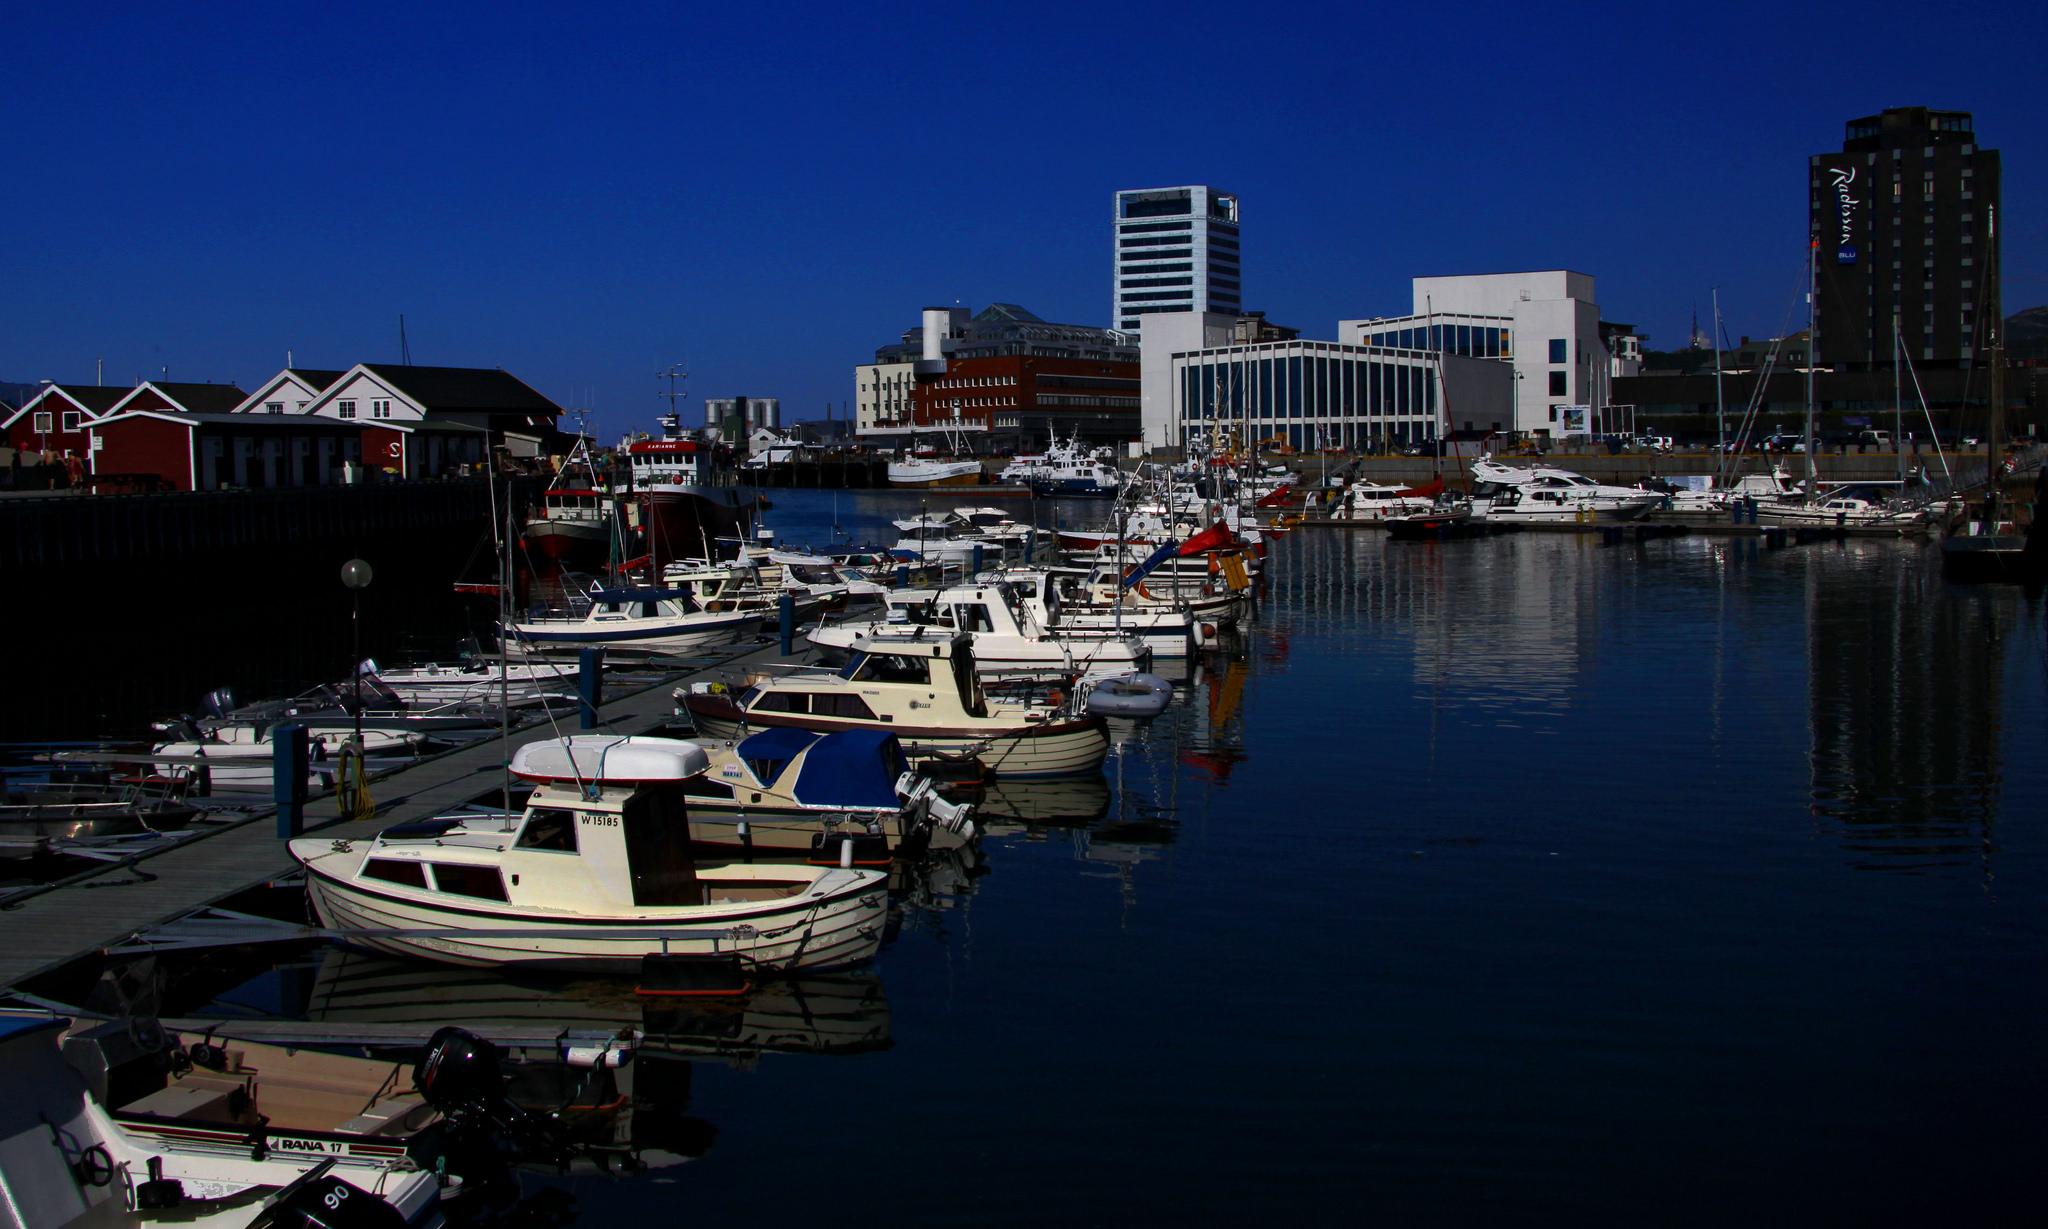 Norwegen ist laut dem jüngsten Human-Development-Index das lebenswerteste Land der Welt.